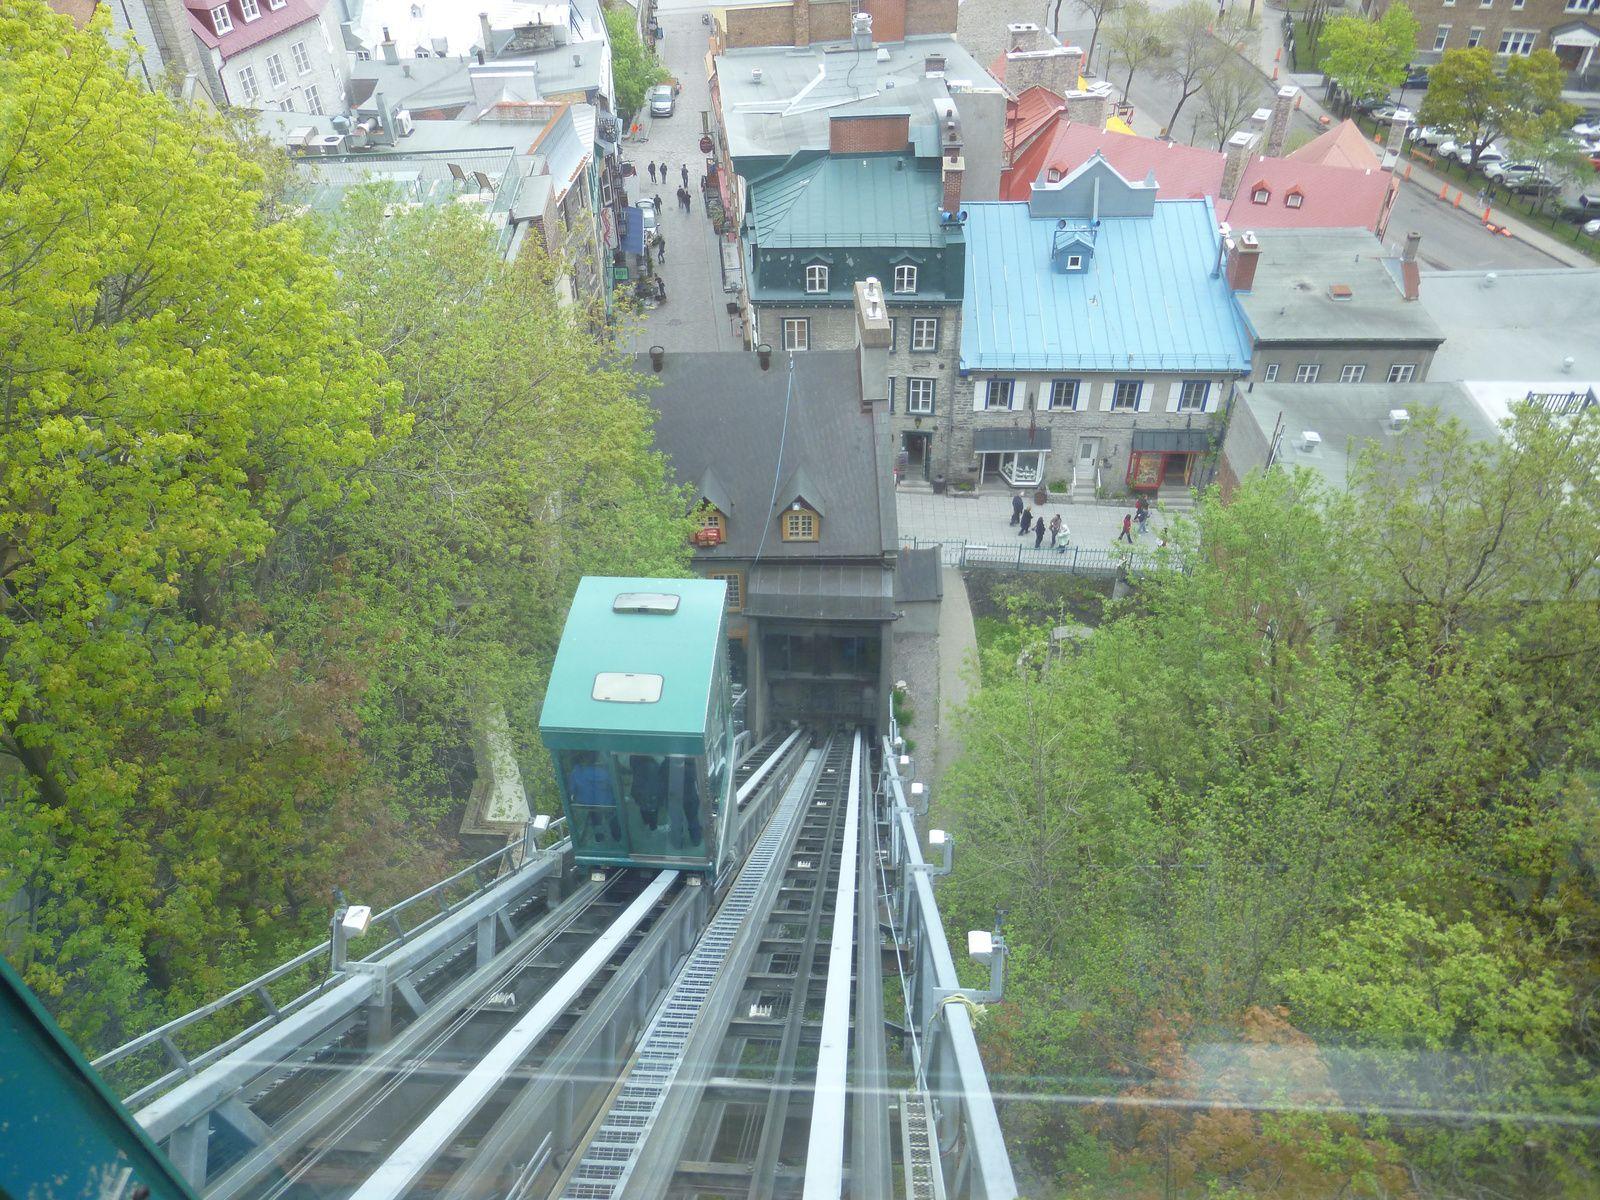 Visite de la ville de Québec sur le Saint Laurent